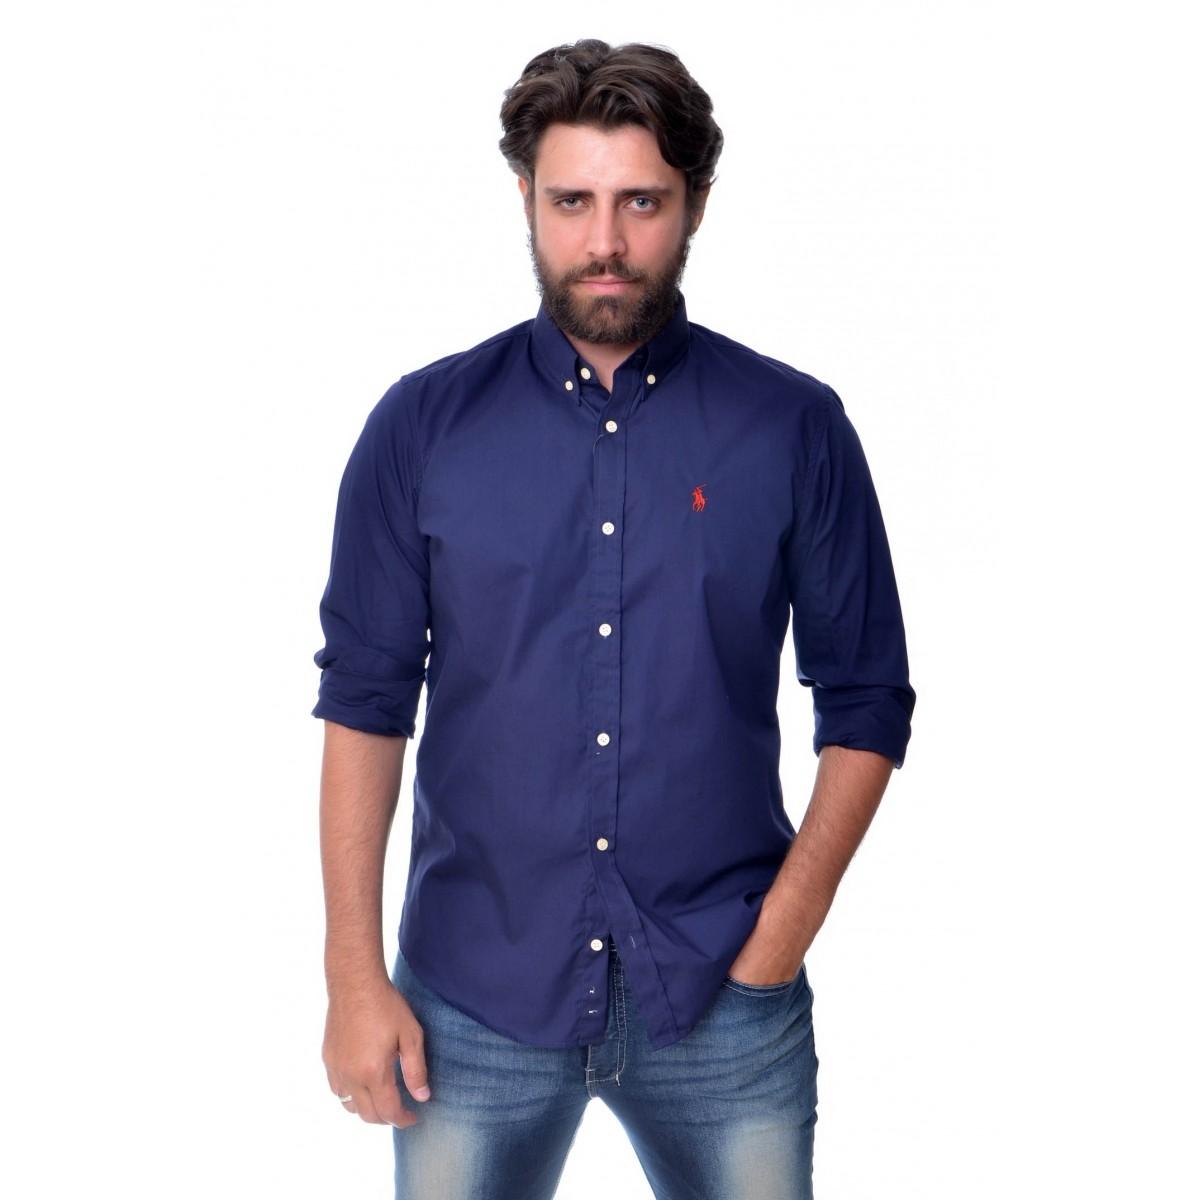 Camisa Social RL Marinho 2 - Regular Fit  - Ca Brasileira